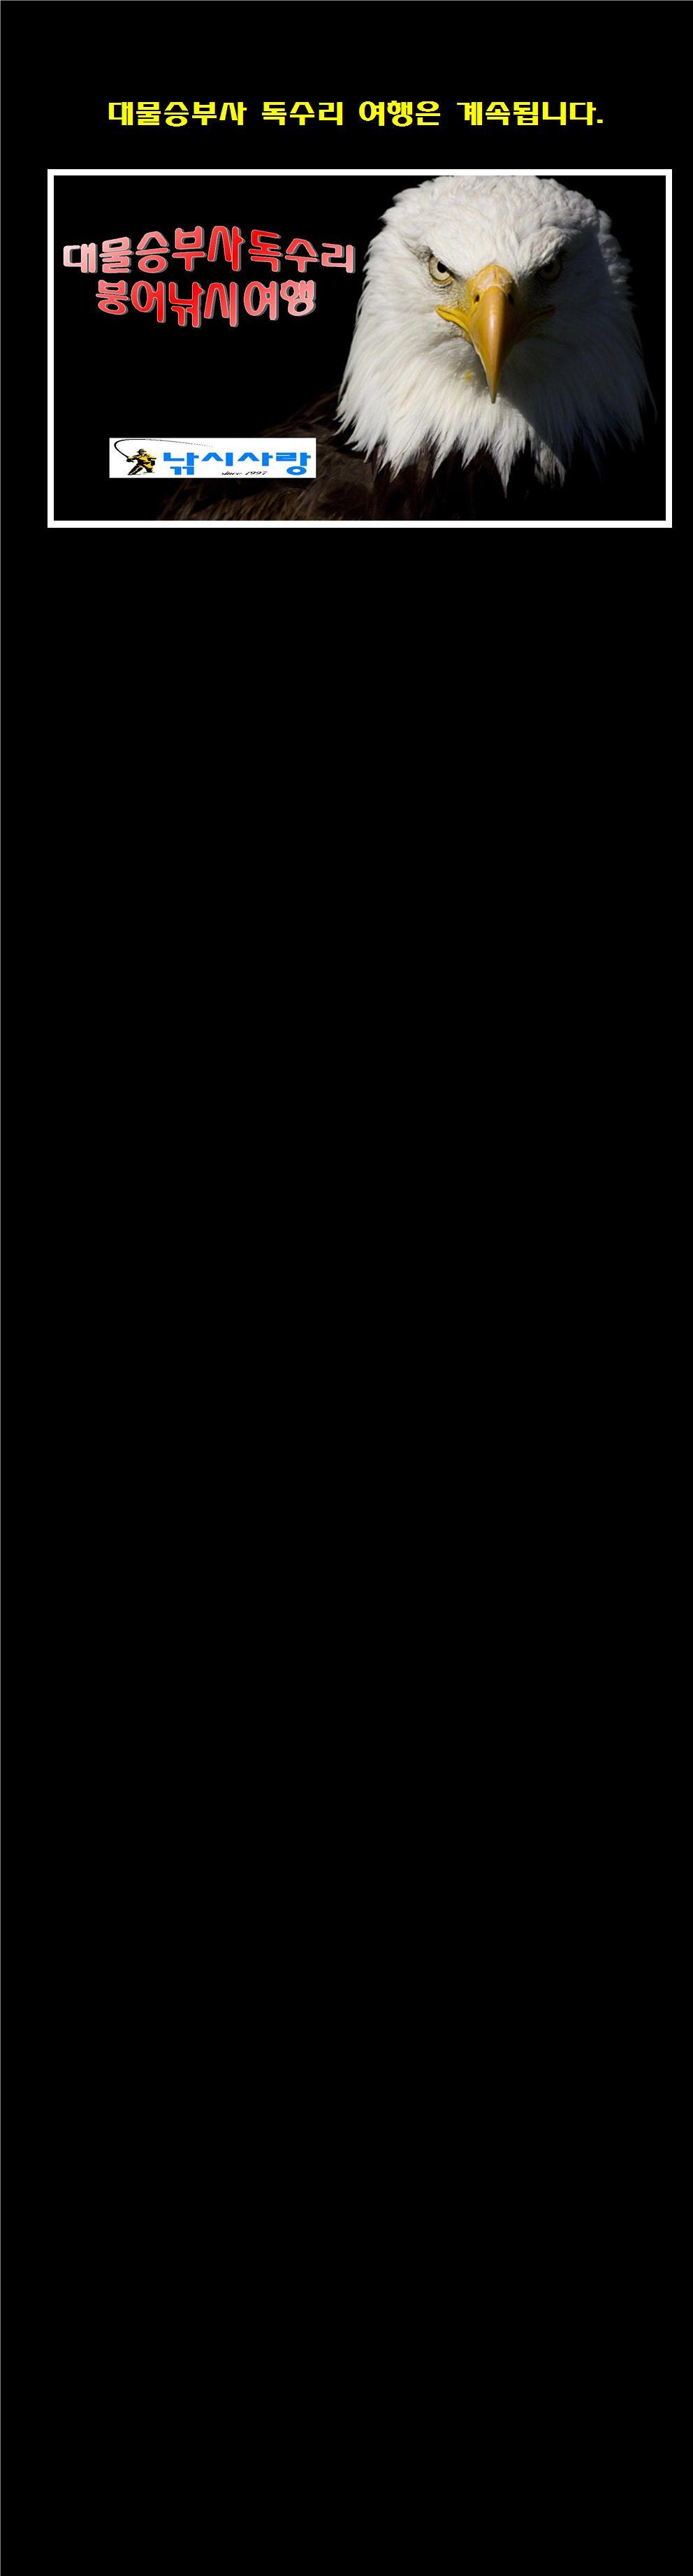 작성글 기본틀 대림 기본018.jpg